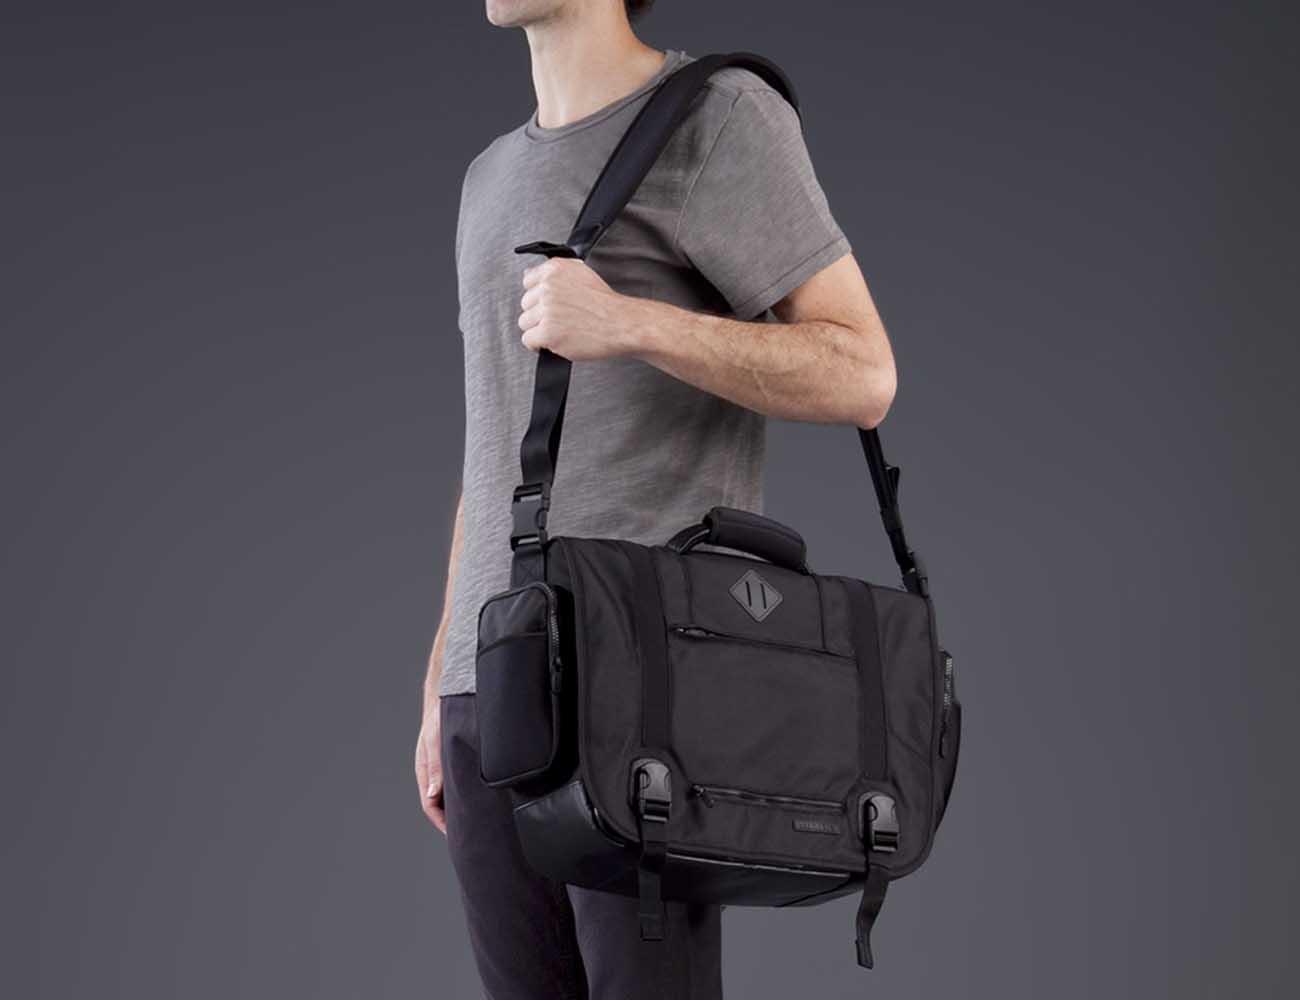 Manhattan Messenger Bag by Lexdray